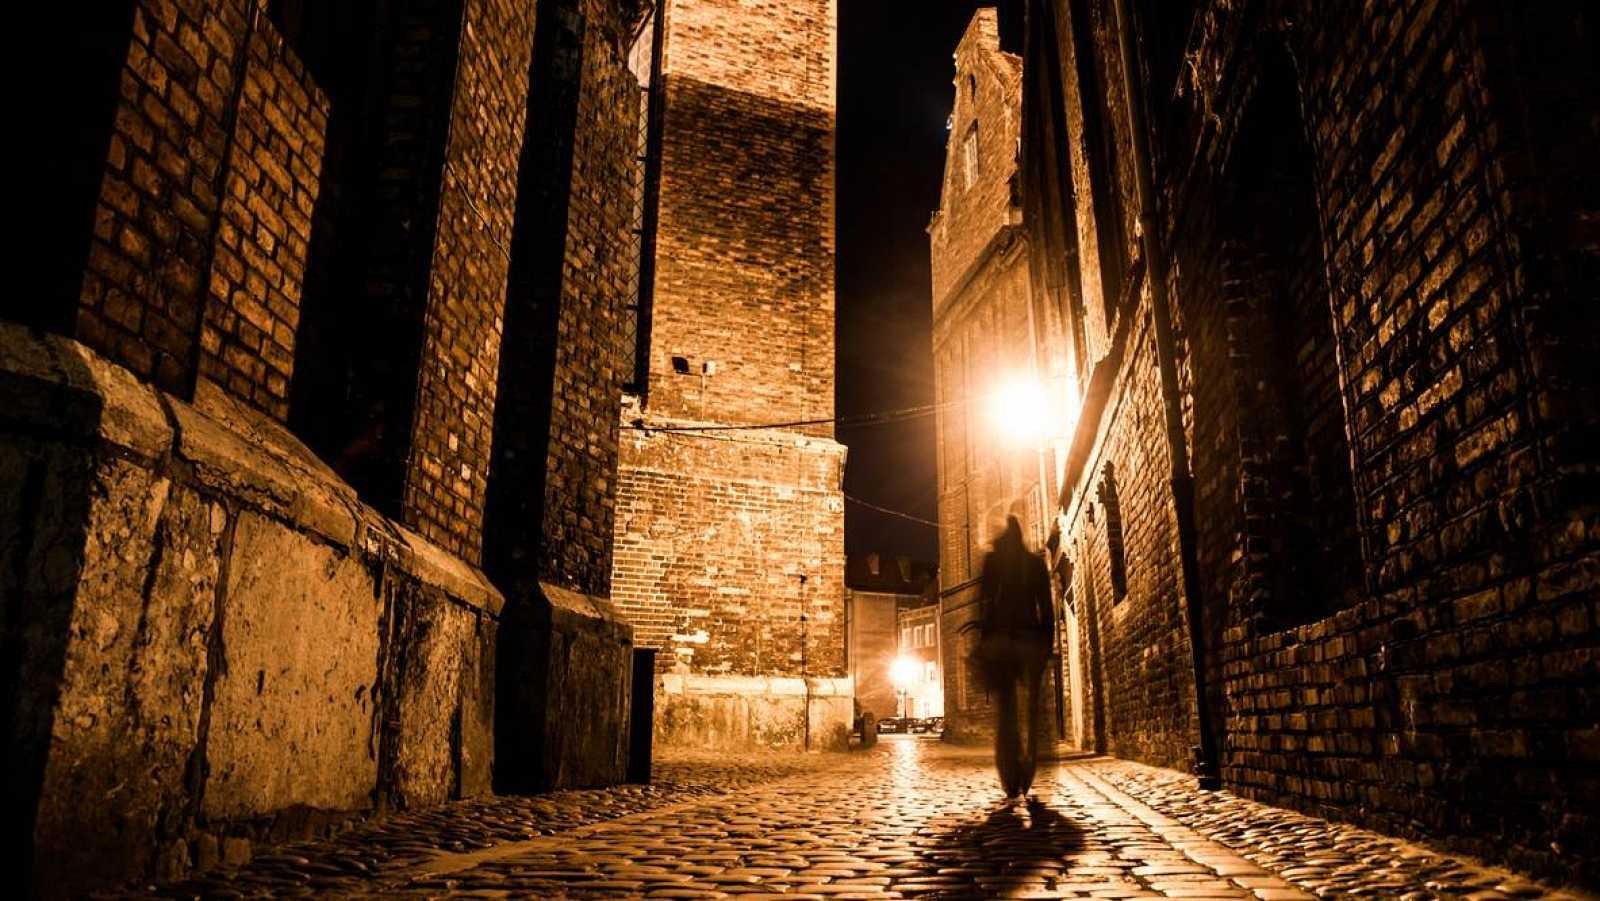 24 horas - La inverosímil y aterradora historia de Jack el Destripador en España - Escuchar ahora